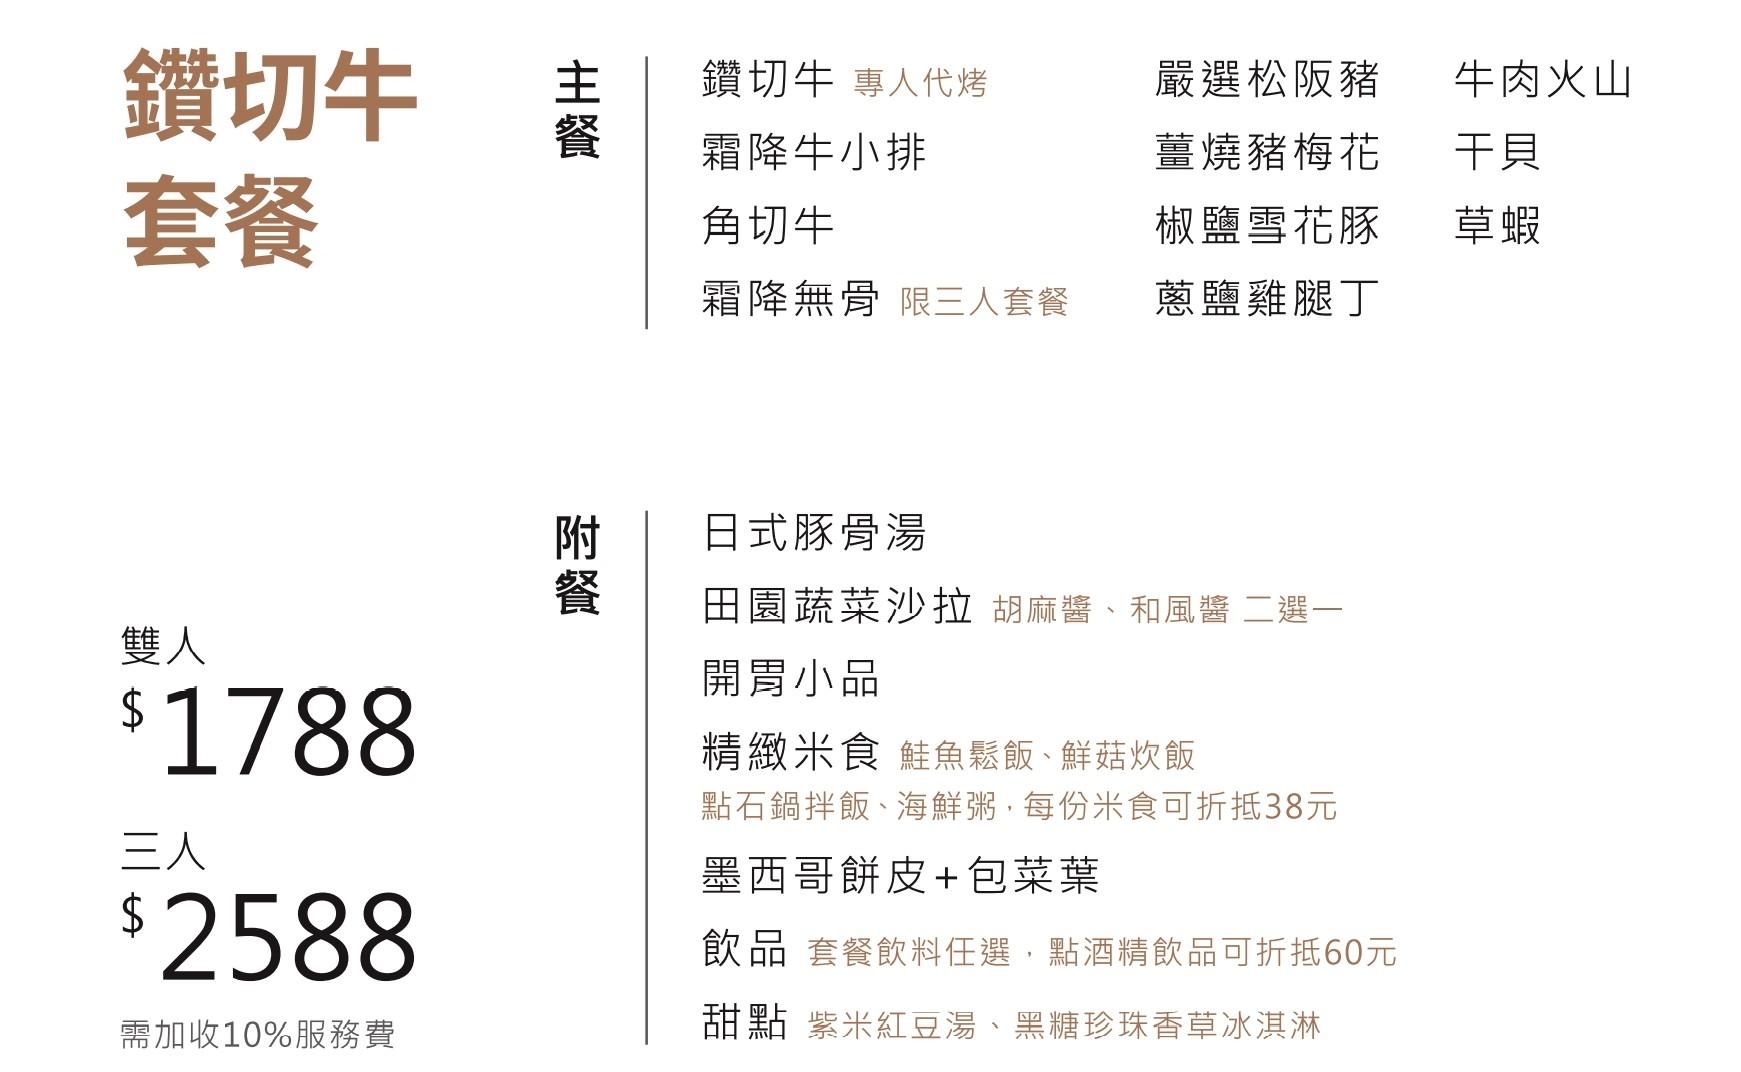 2021愛T恤親子裝讓大家Smile!台灣製可愛又好穿~贈原燒O-NiKU 350元愛心抵用券 - yukiblog.tw